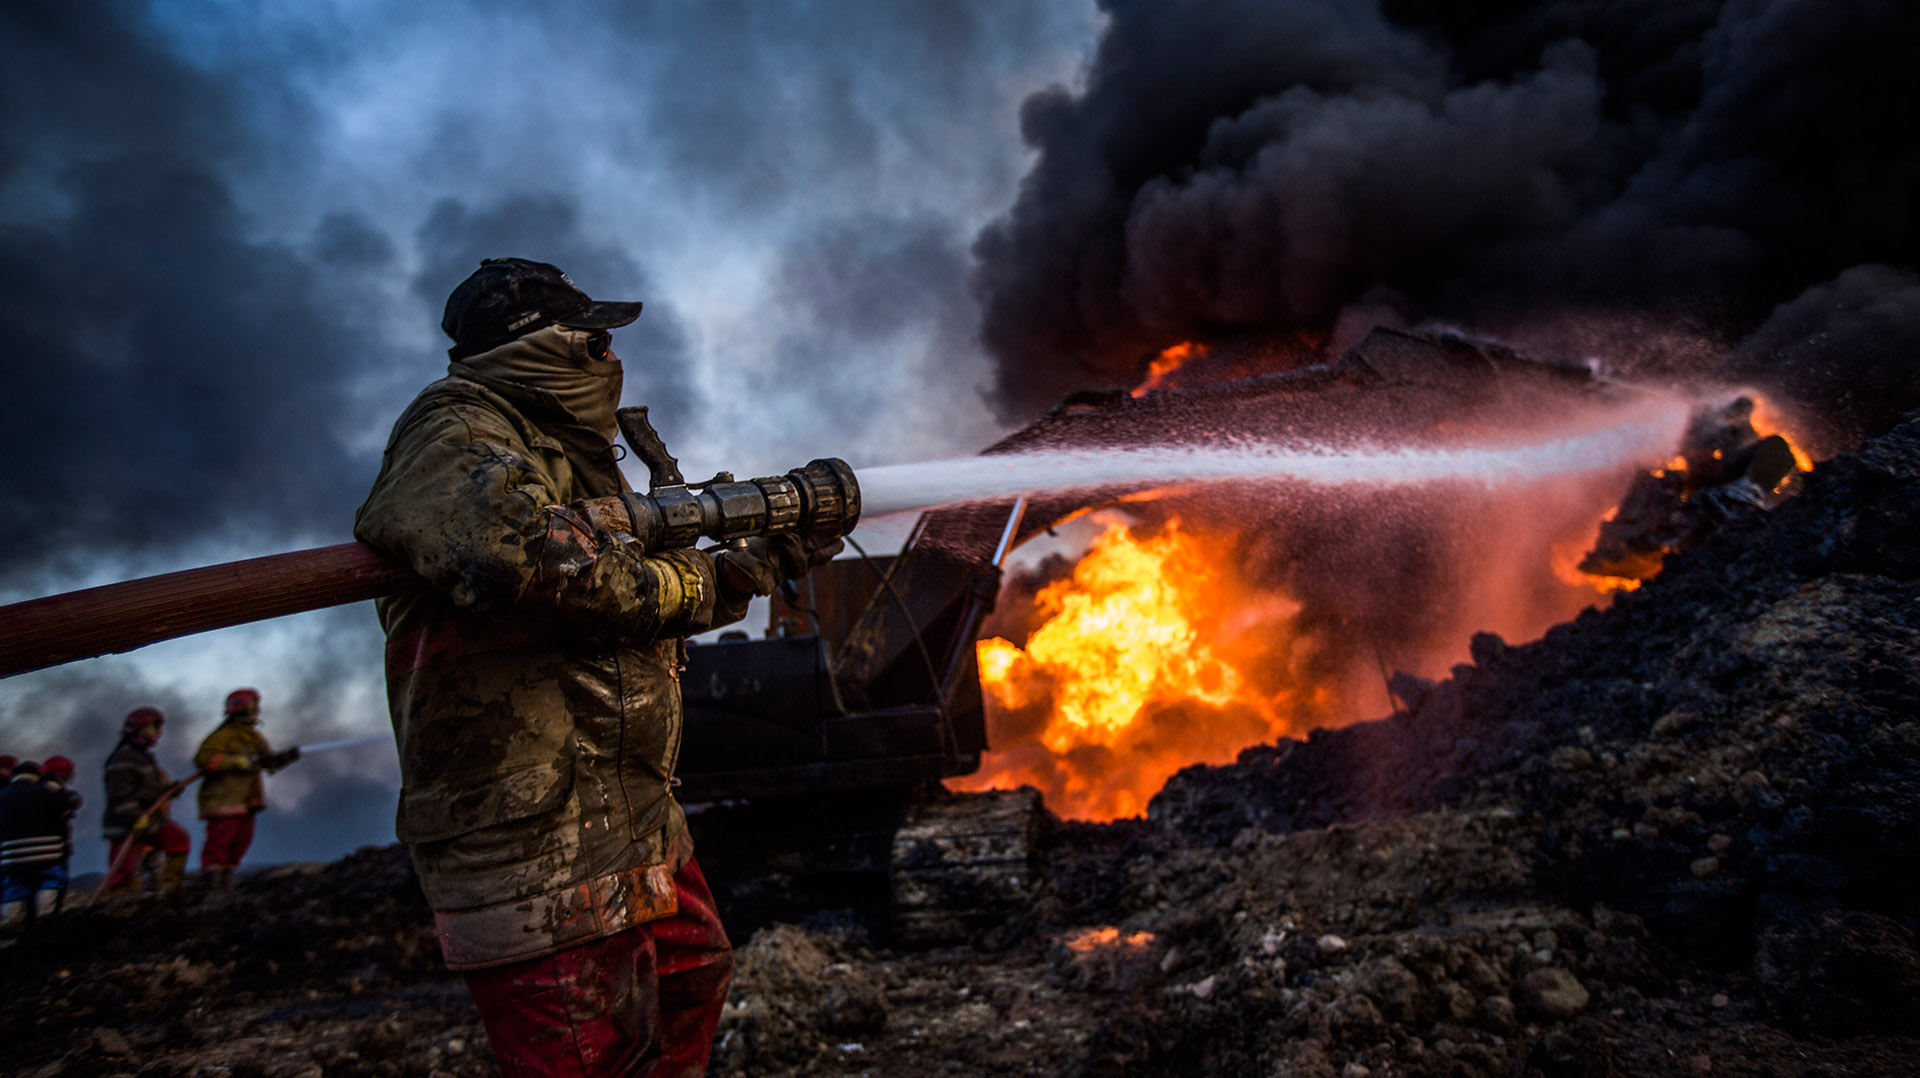 Divididos en dos equipos, los bomberos trabajan para sofocar la gran columna de fuego. Mientras la primera unidad lanza agua al interior del pozo, la segunda se encarga de refrescar la maquinaria para que no sea también pasto de las llamas. (Pablo Cobos)